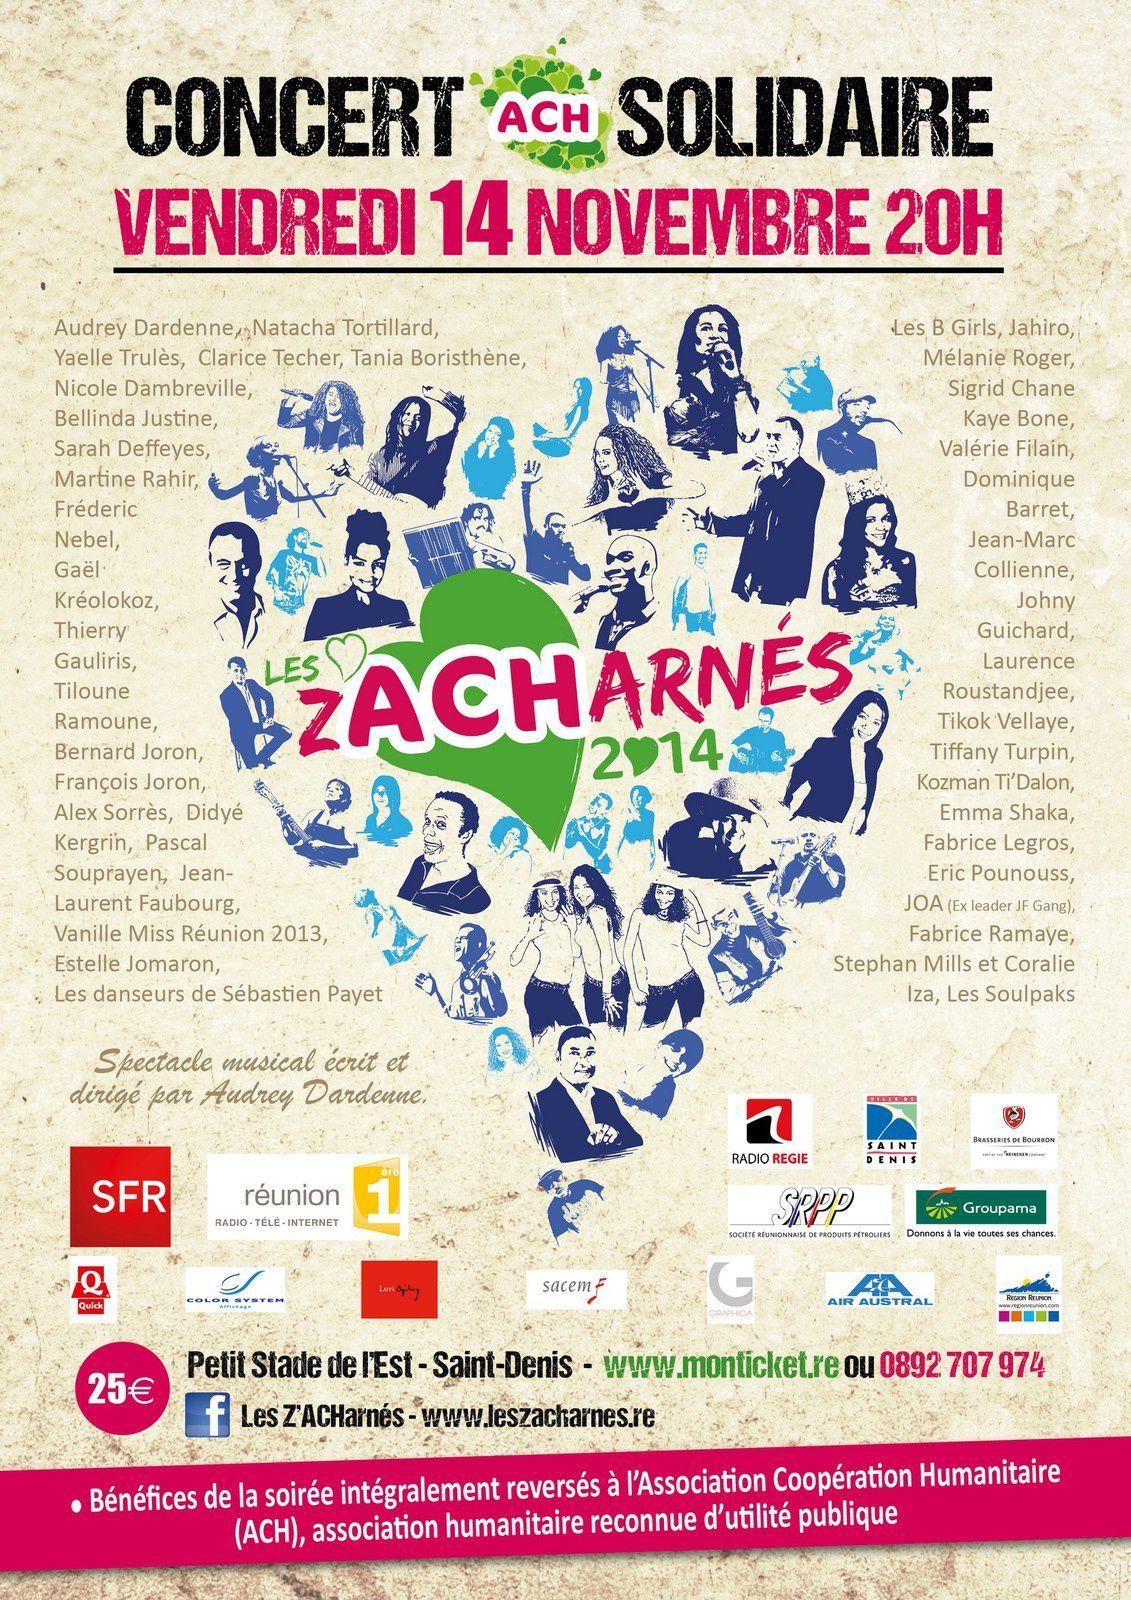 Concert les Zacharnés le 14 novembre